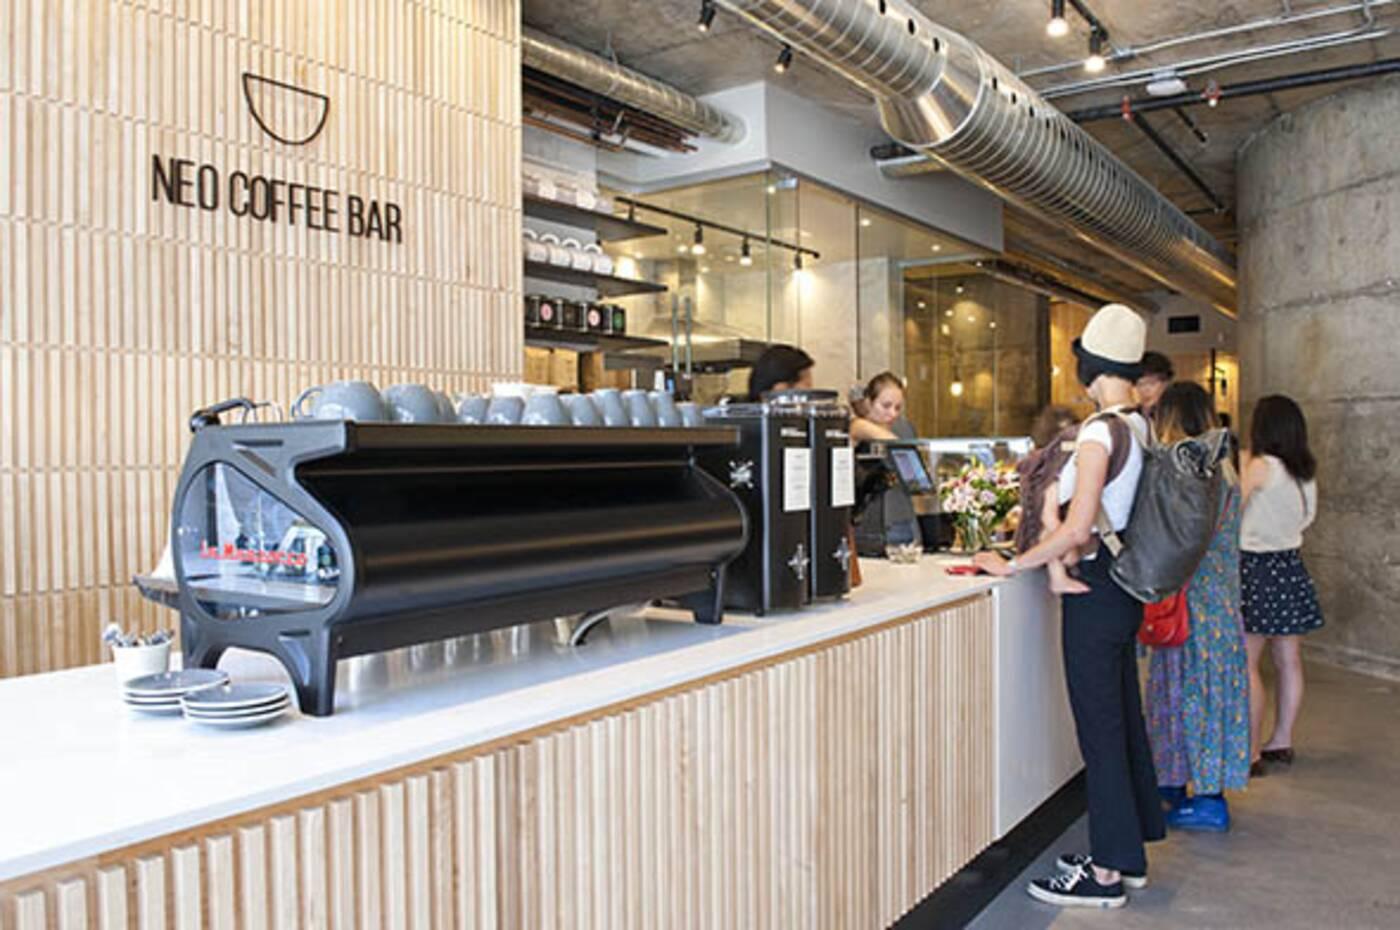 cafes toronto